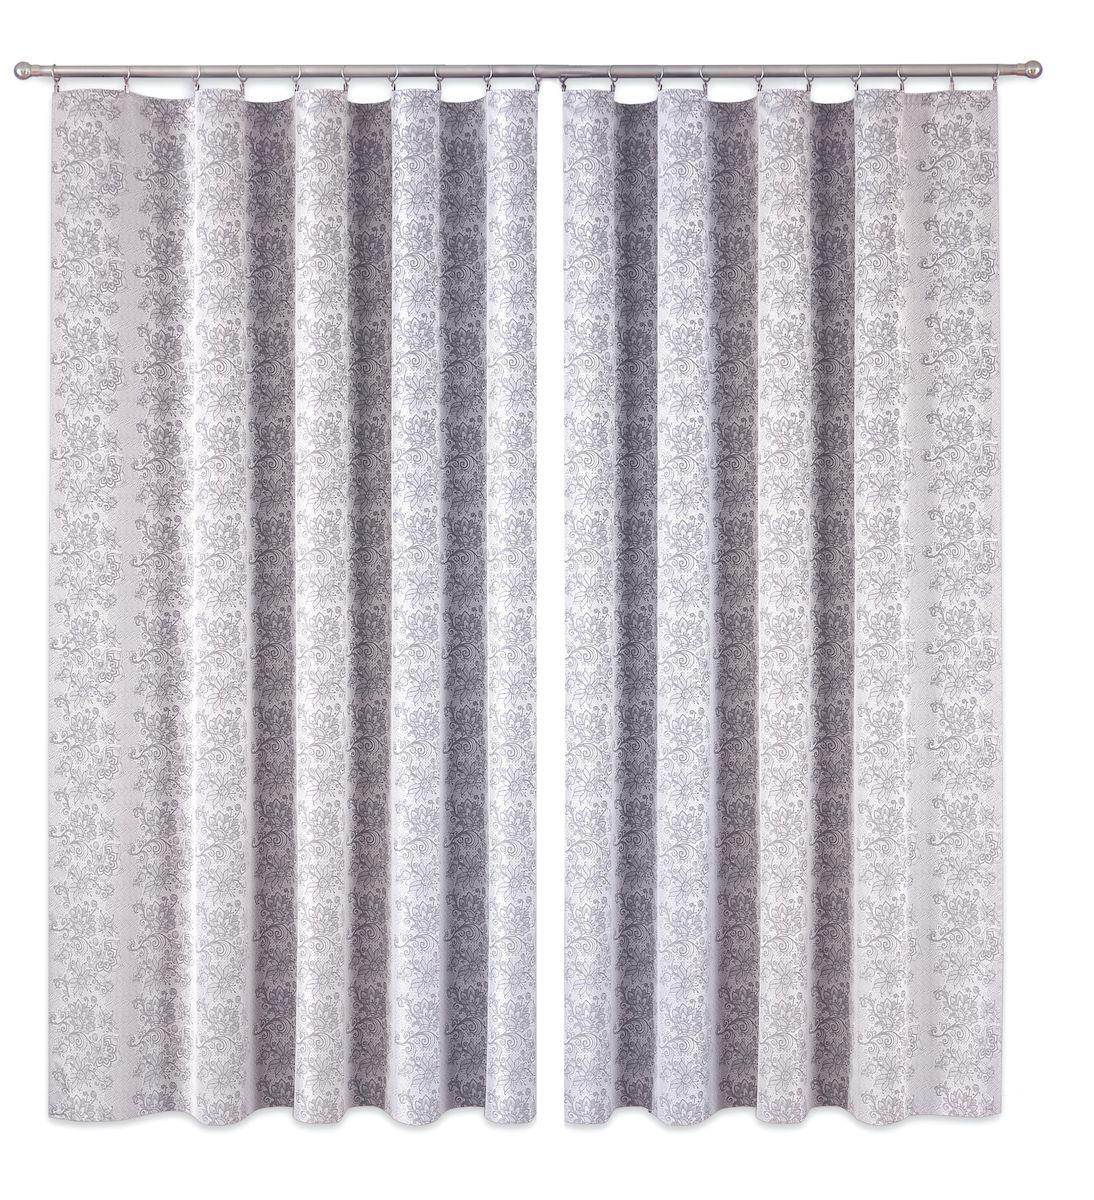 Комплект штор P Primavera Firany, цвет: серый, высота 280 см. 111001754600/120Комплект шториз полиэстровой жаккардовой ткани с пришитой шторнойлентой. Размер - ширина 180 см высота 280см. Набор 2 штуки. Цвет серый.Размер: ширина 180 х высота 280